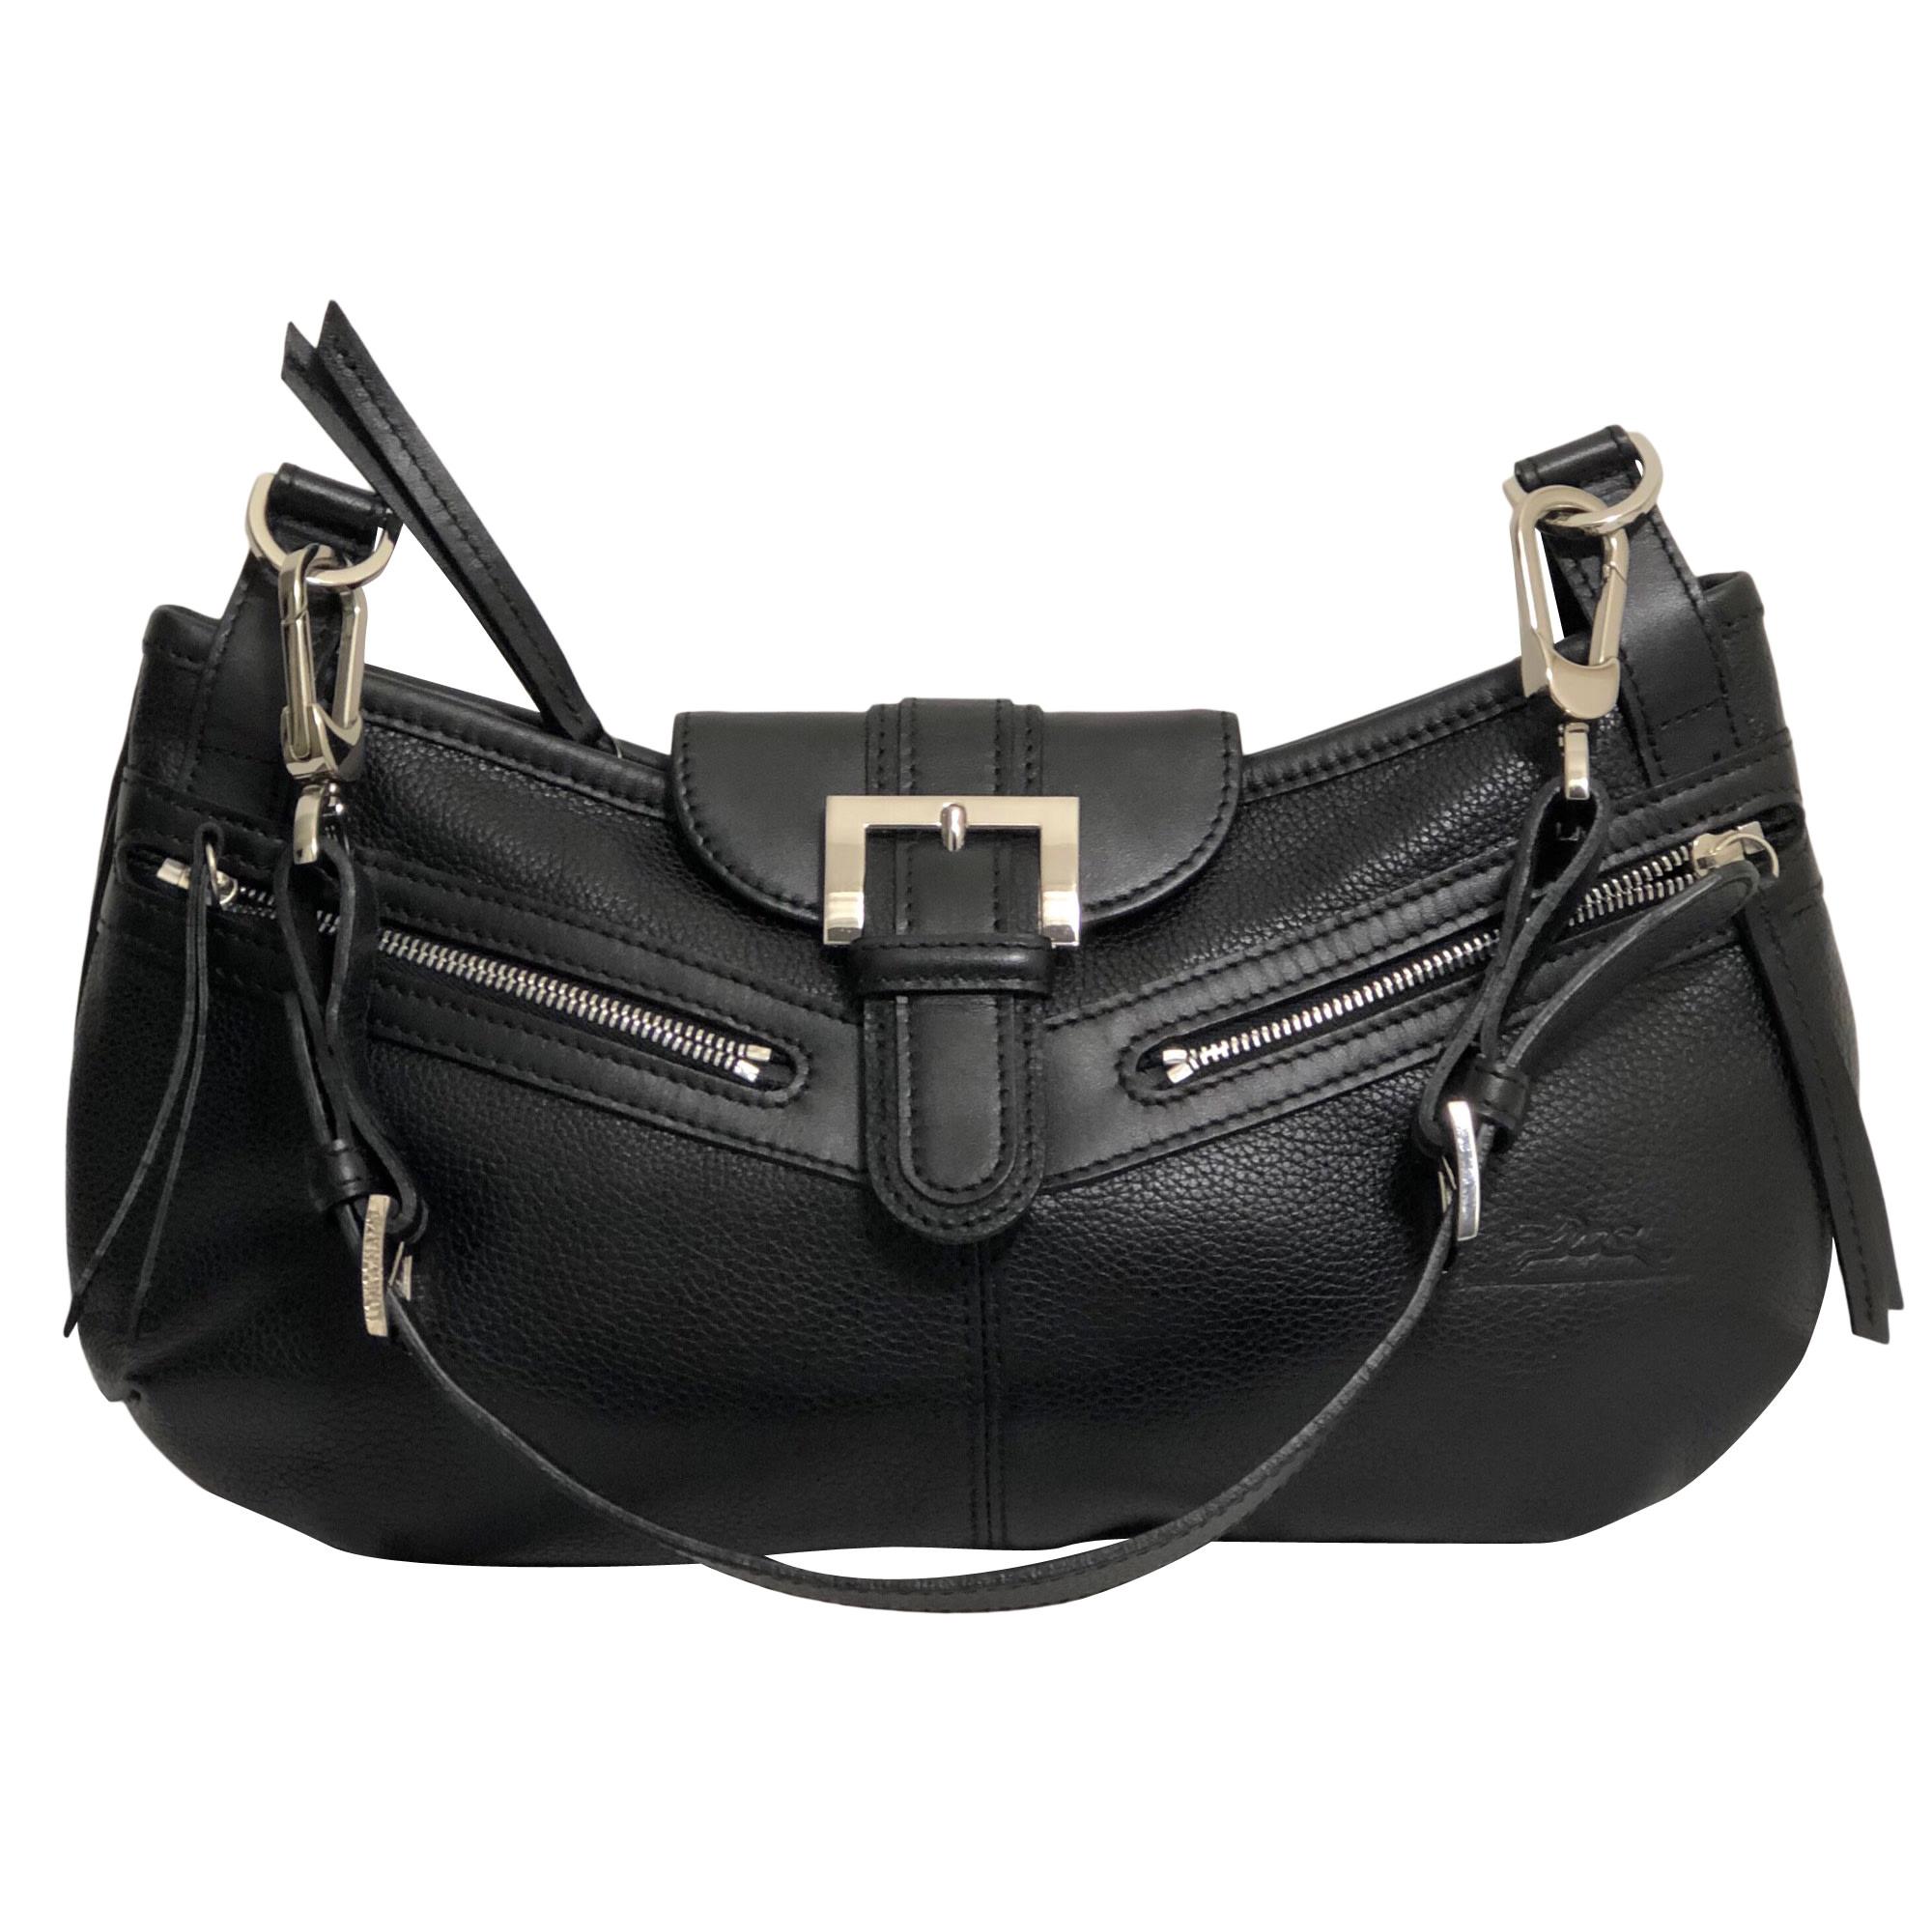 Pochette Sac Longchamp En Cuir Noir 8RwPBq